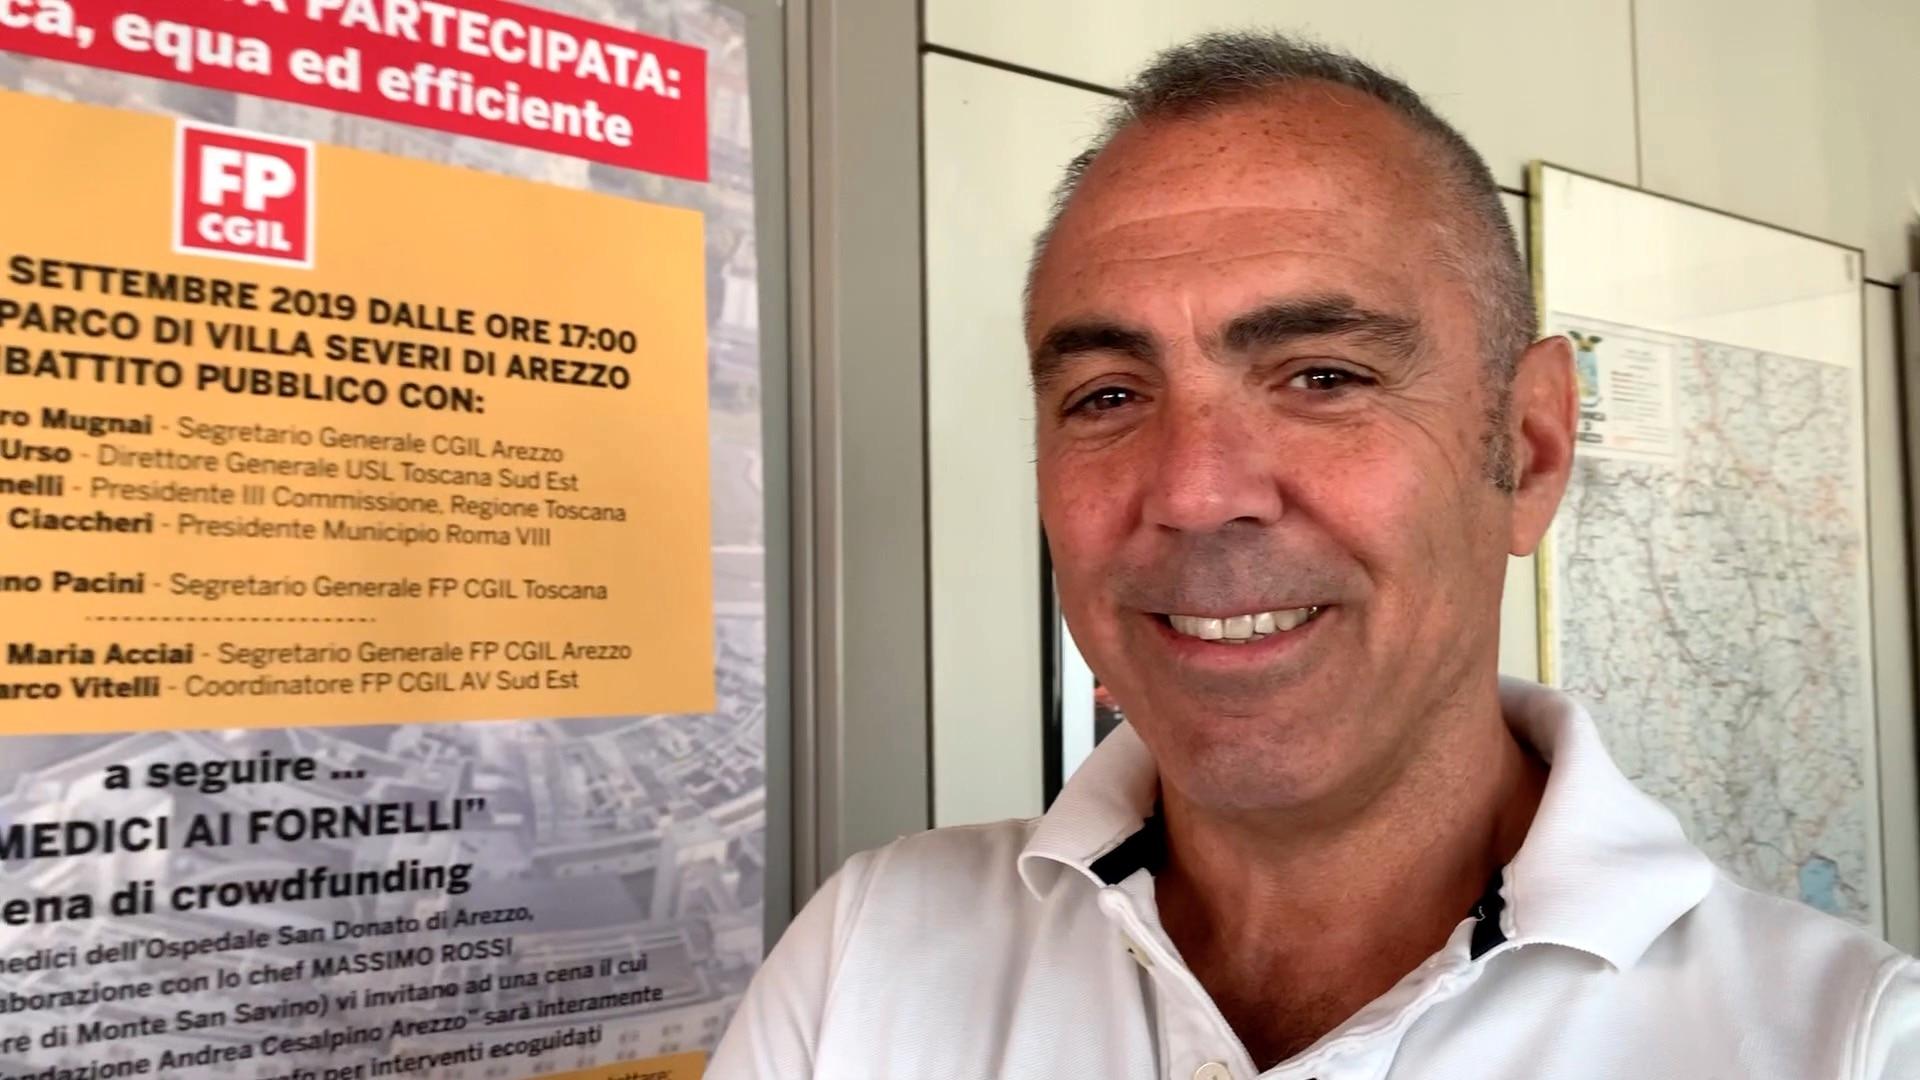 Pasquale Petruzzi - Resp. Radiologia Interventistica San Donato Arezzo-2